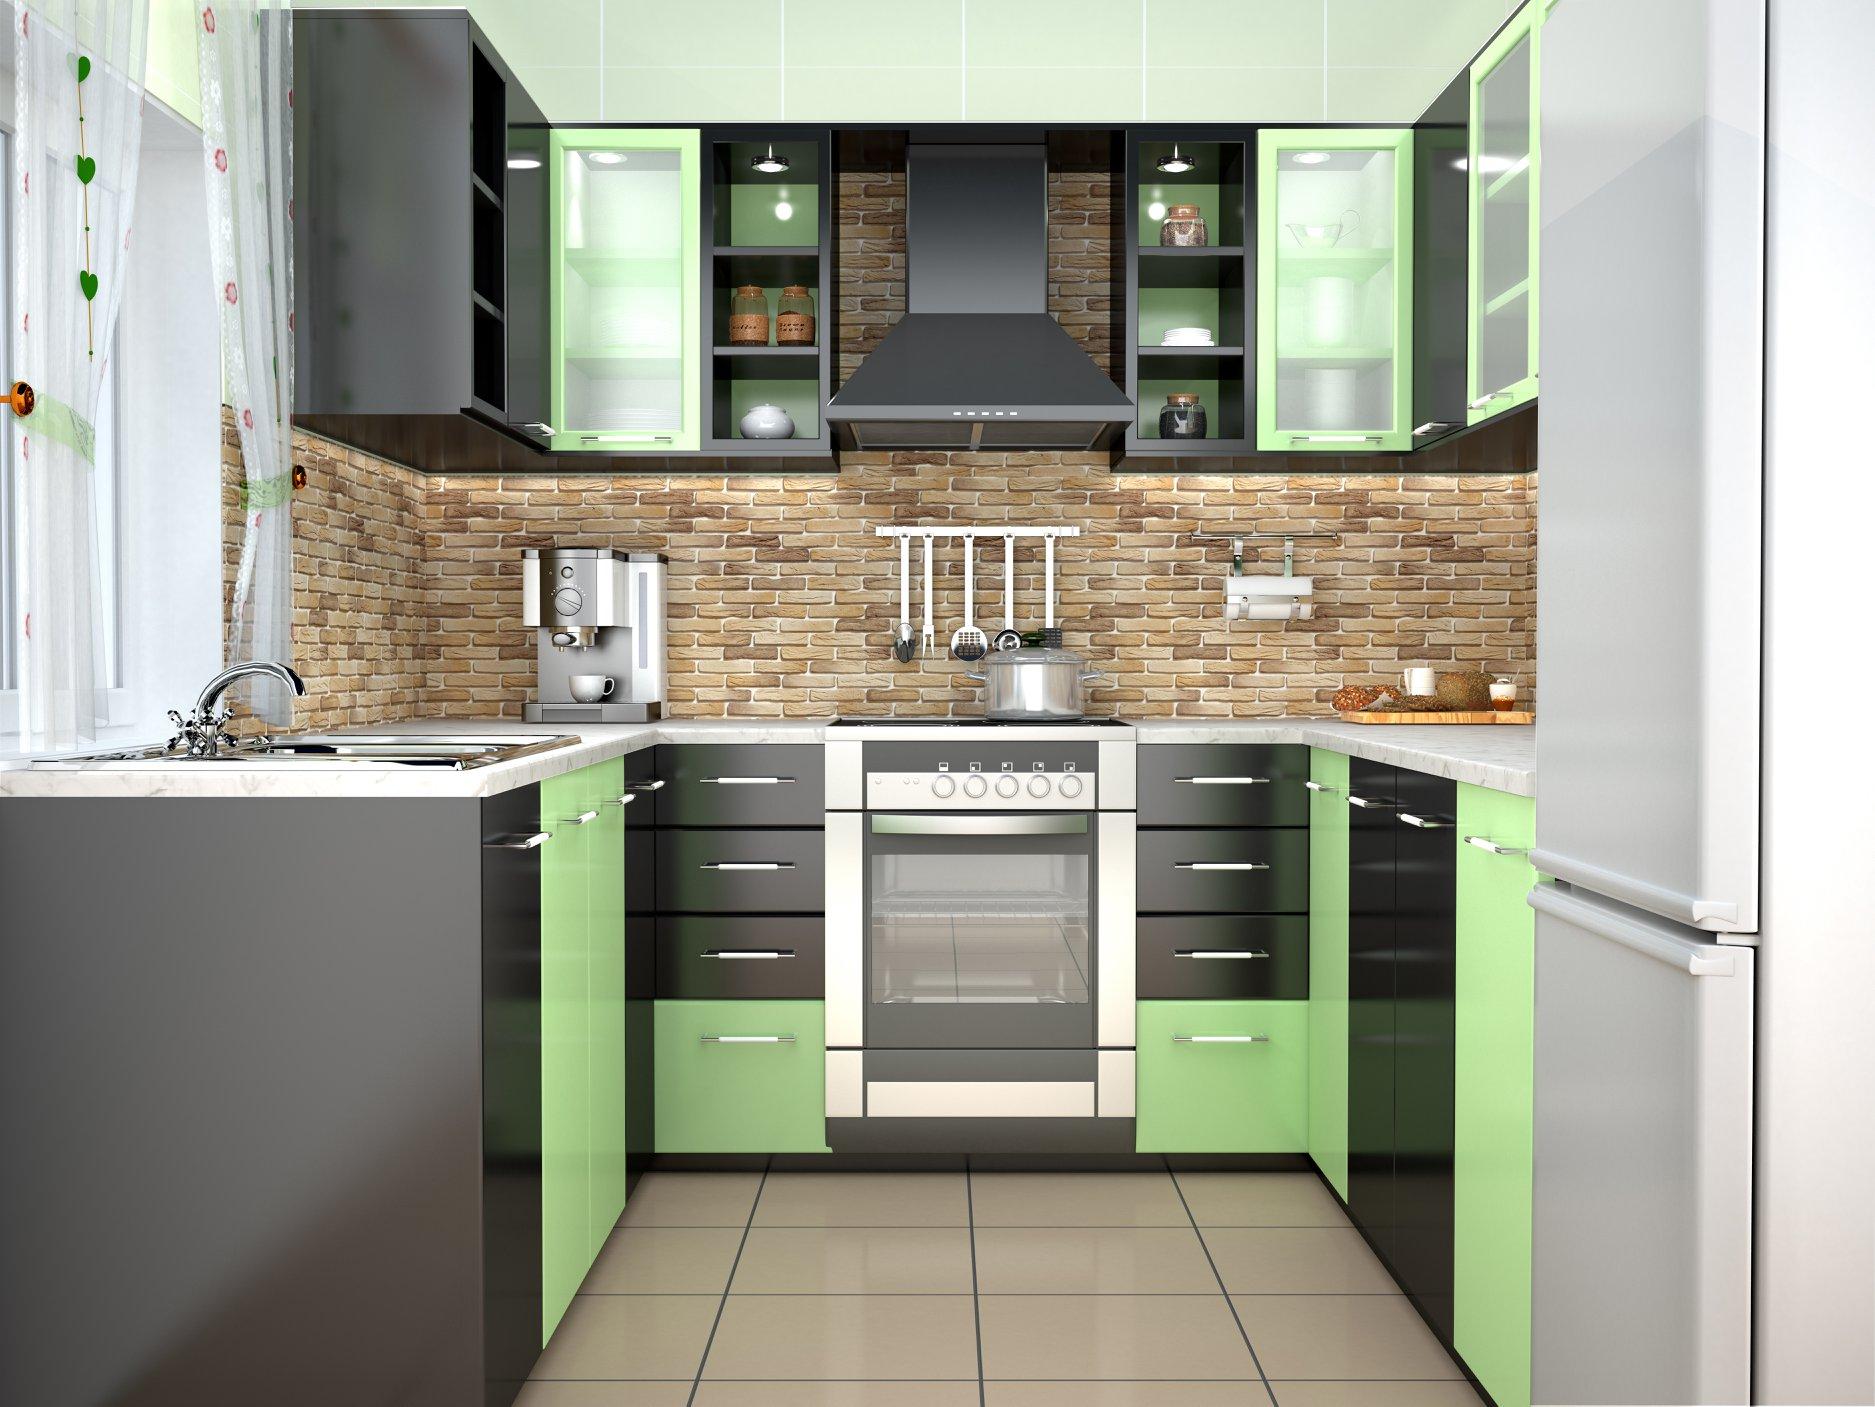 अगर आप भी अपनी किचन को रेनोवेट (Renovate) करवाने की सोच रहे हैं तो यहां आपको कुछ आइडियाज देंगे, जिससे आप इंस्पिरेशन ले सकते हैं।